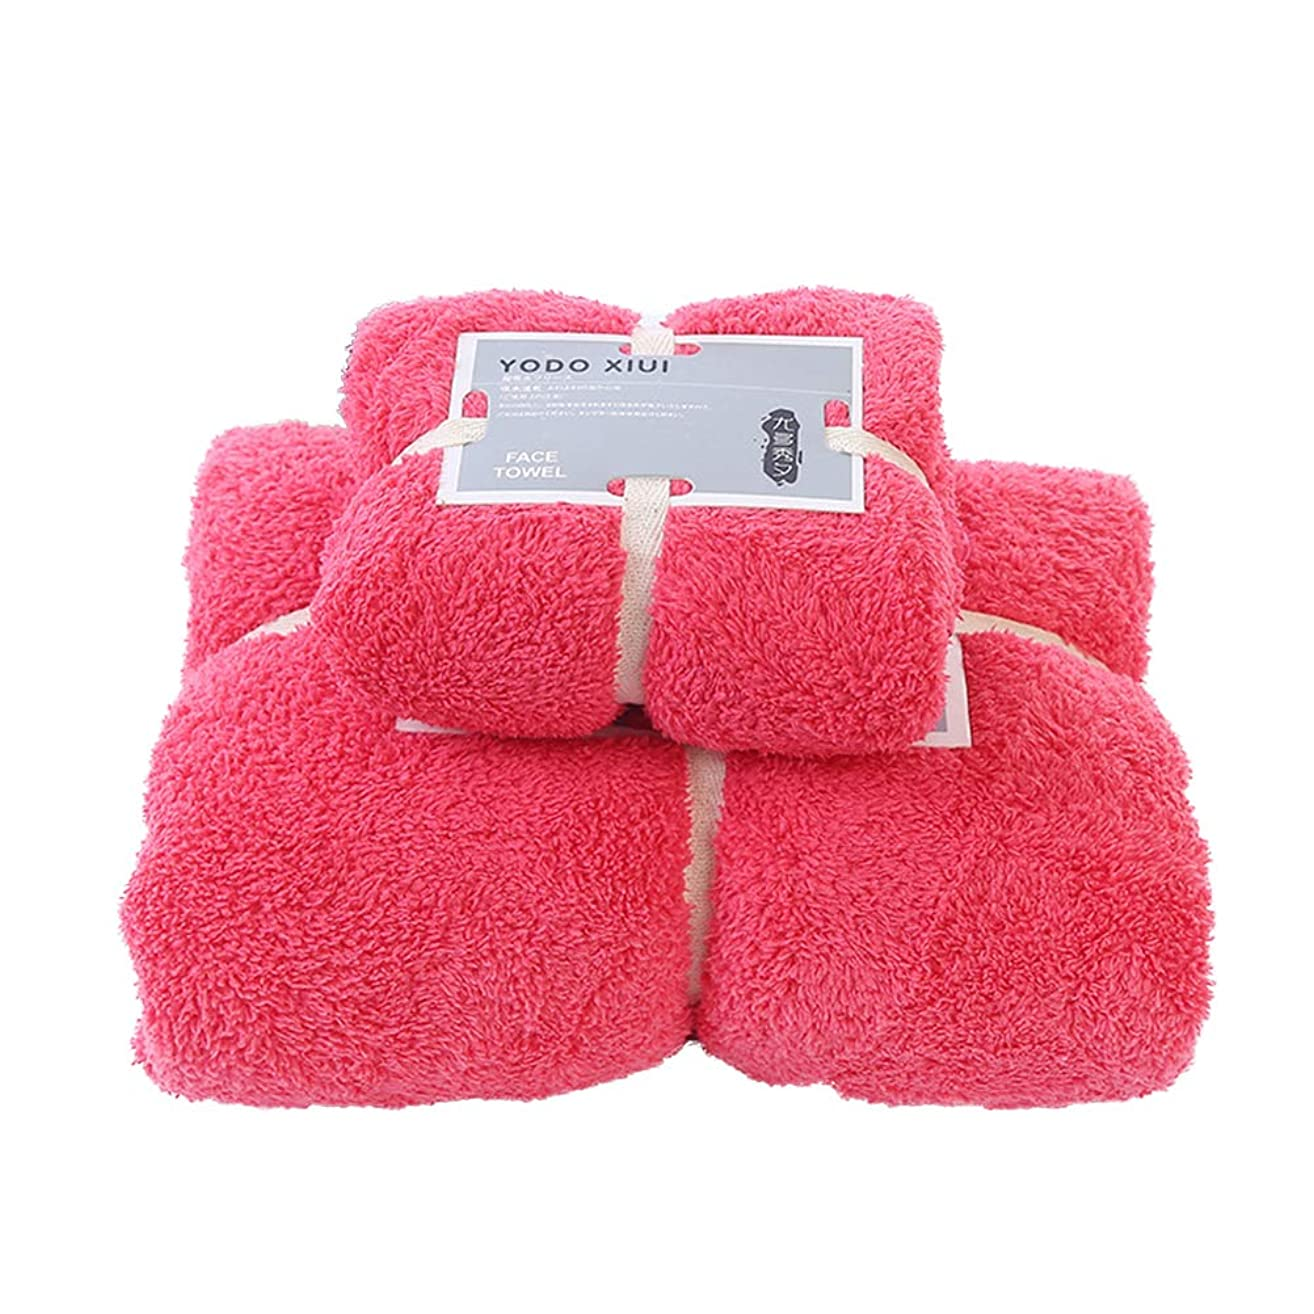 ファイルやる面白いYardwe バスタオル高級ホテルスパ厚みのあるサンゴ吸収性綿バスルーム用2本入り(Rosy)